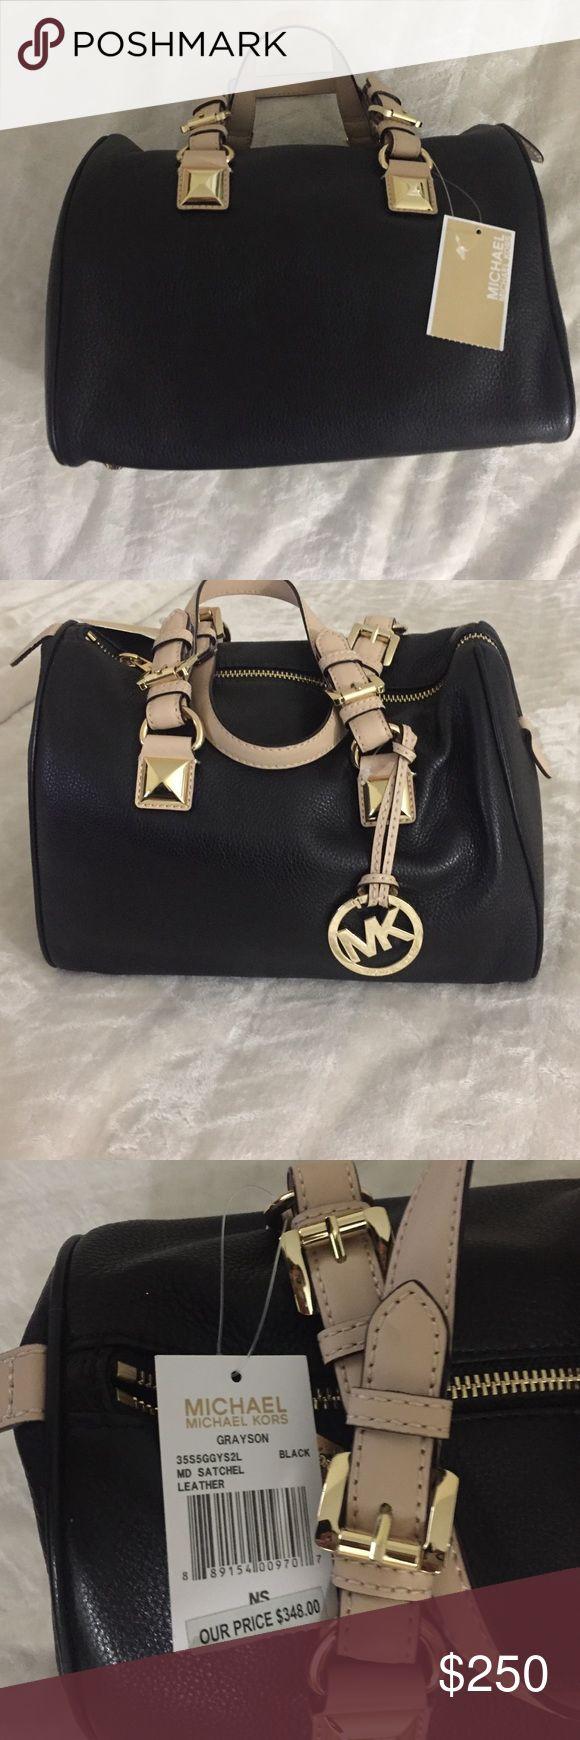 Michael Kors Grayson Bowler bag Brand new Michael Kors Grayson Bowler bag. Price tag attached. Never worn. Original price $348 Michael Kors Bags Mini Bags